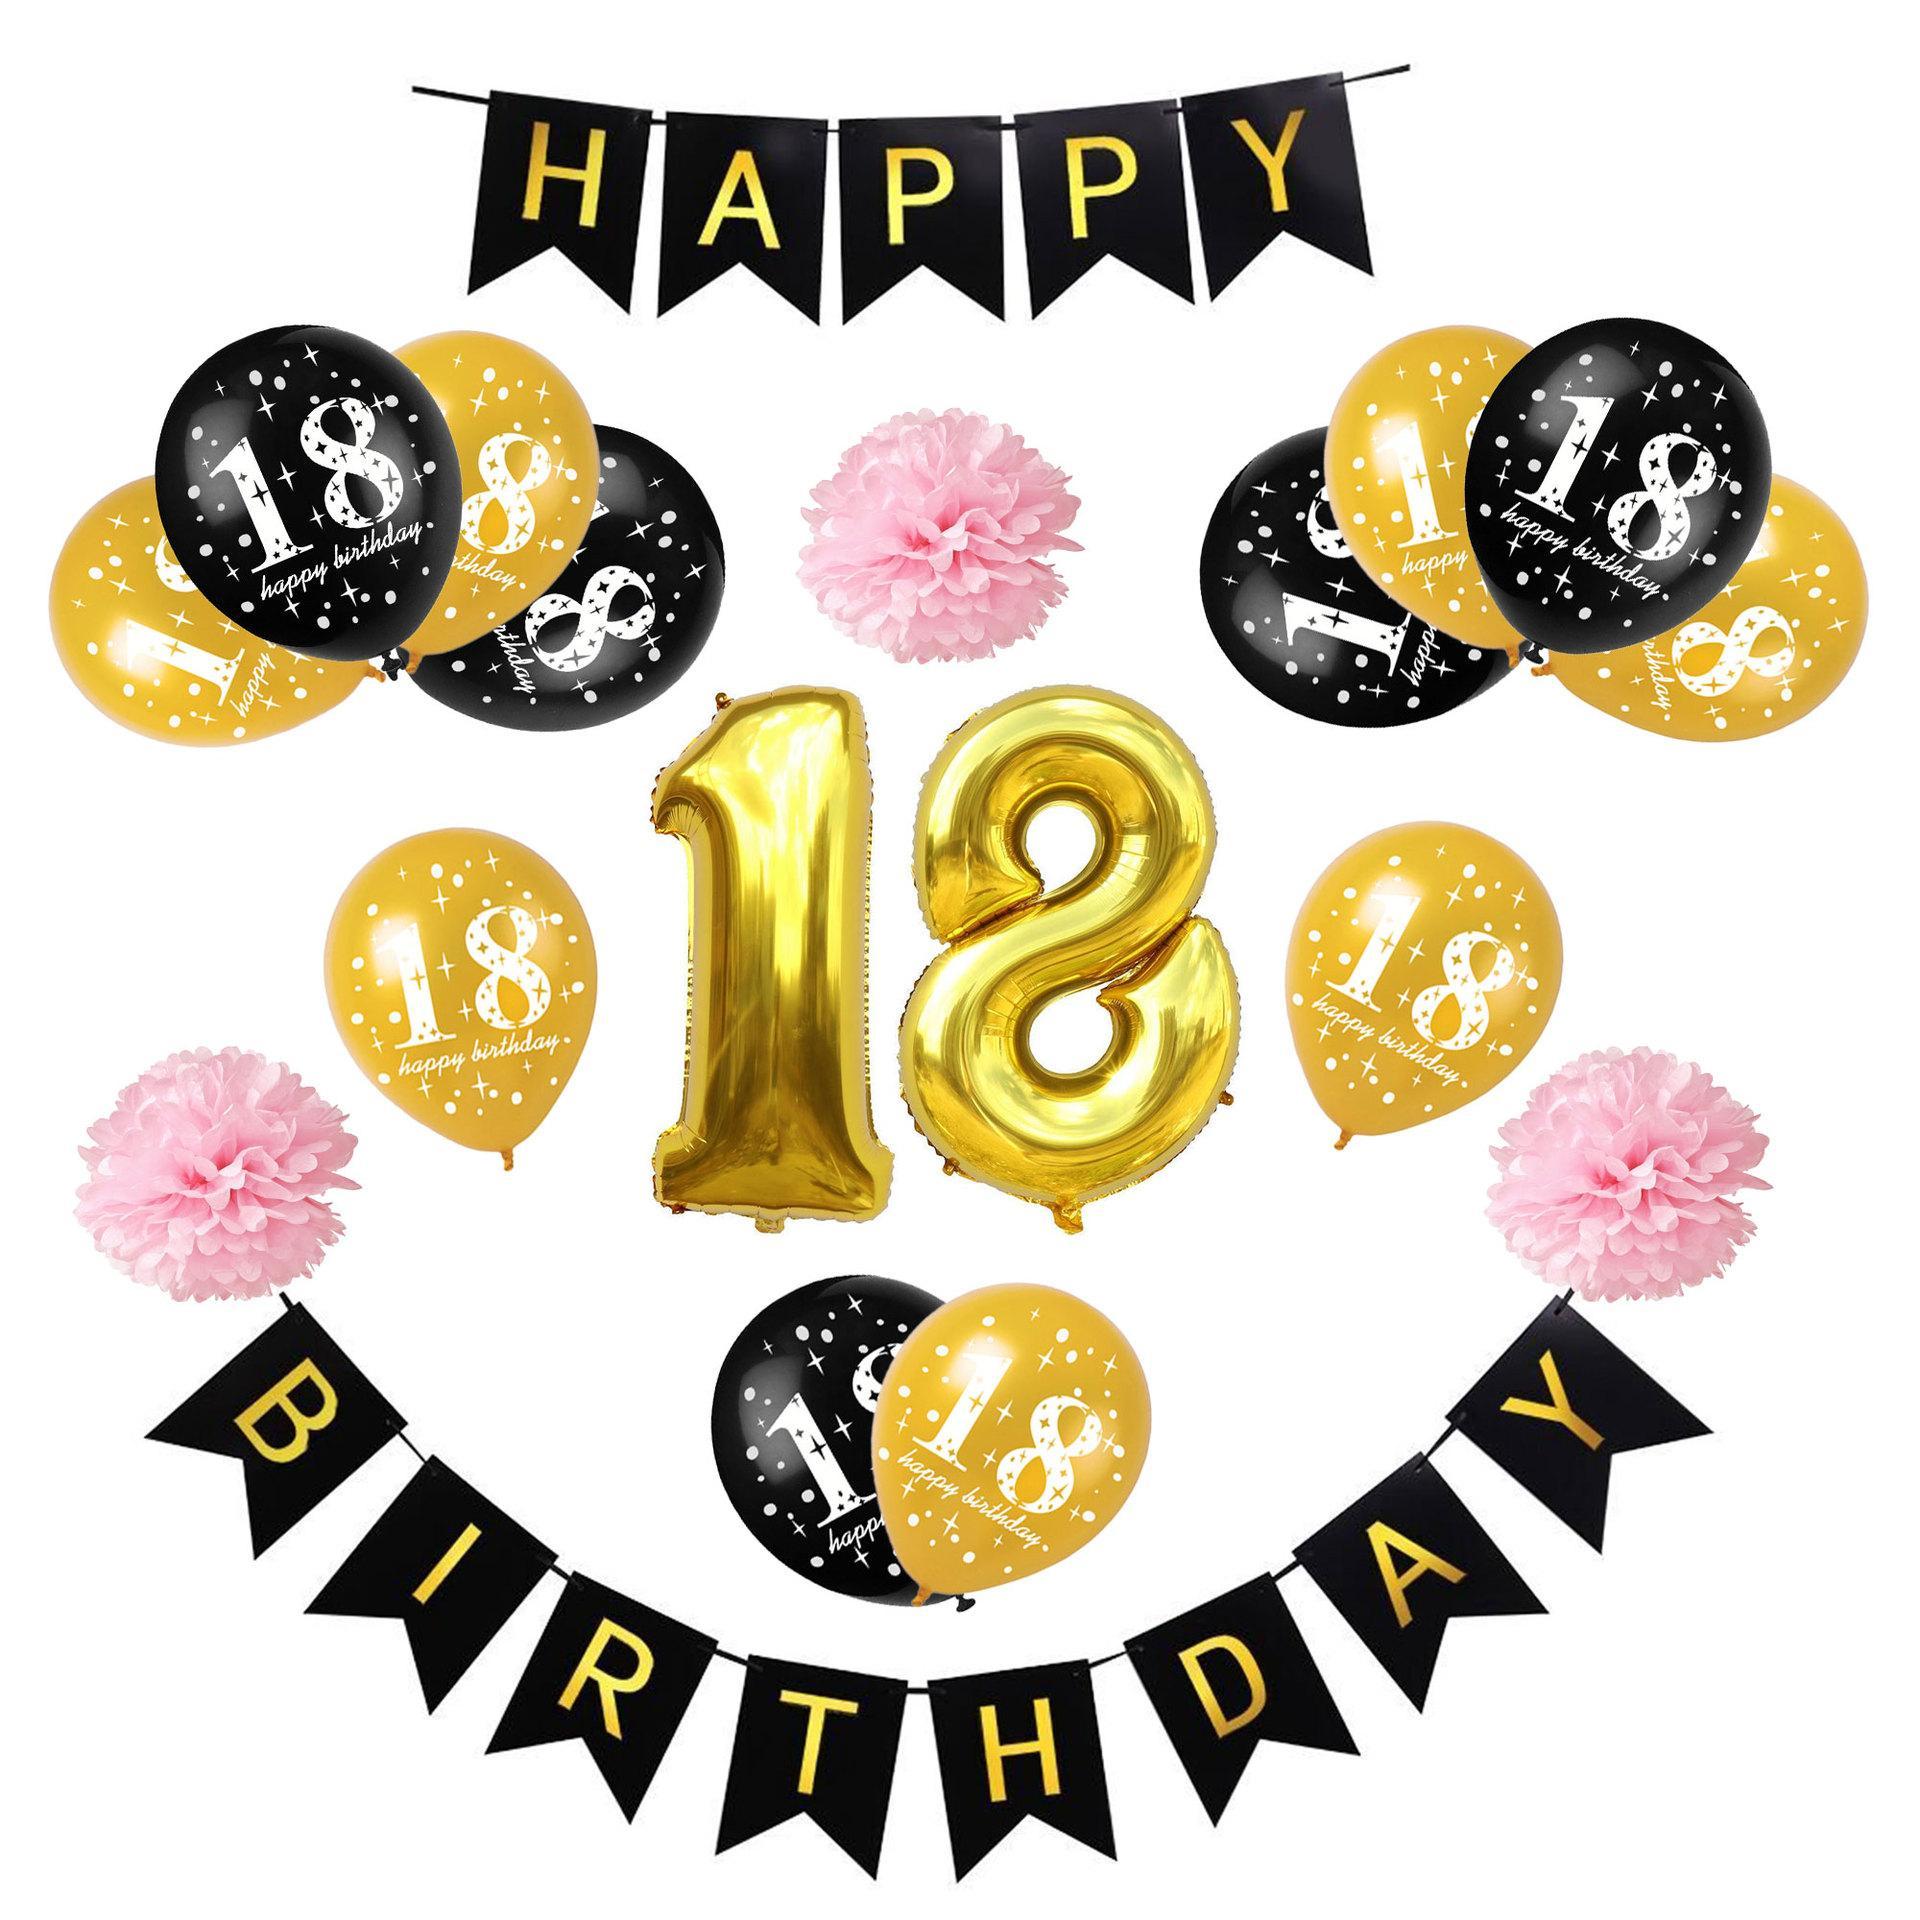 Grosshandel 18 Geburtstag Party Dekorationen Gold Schwarz Ballon